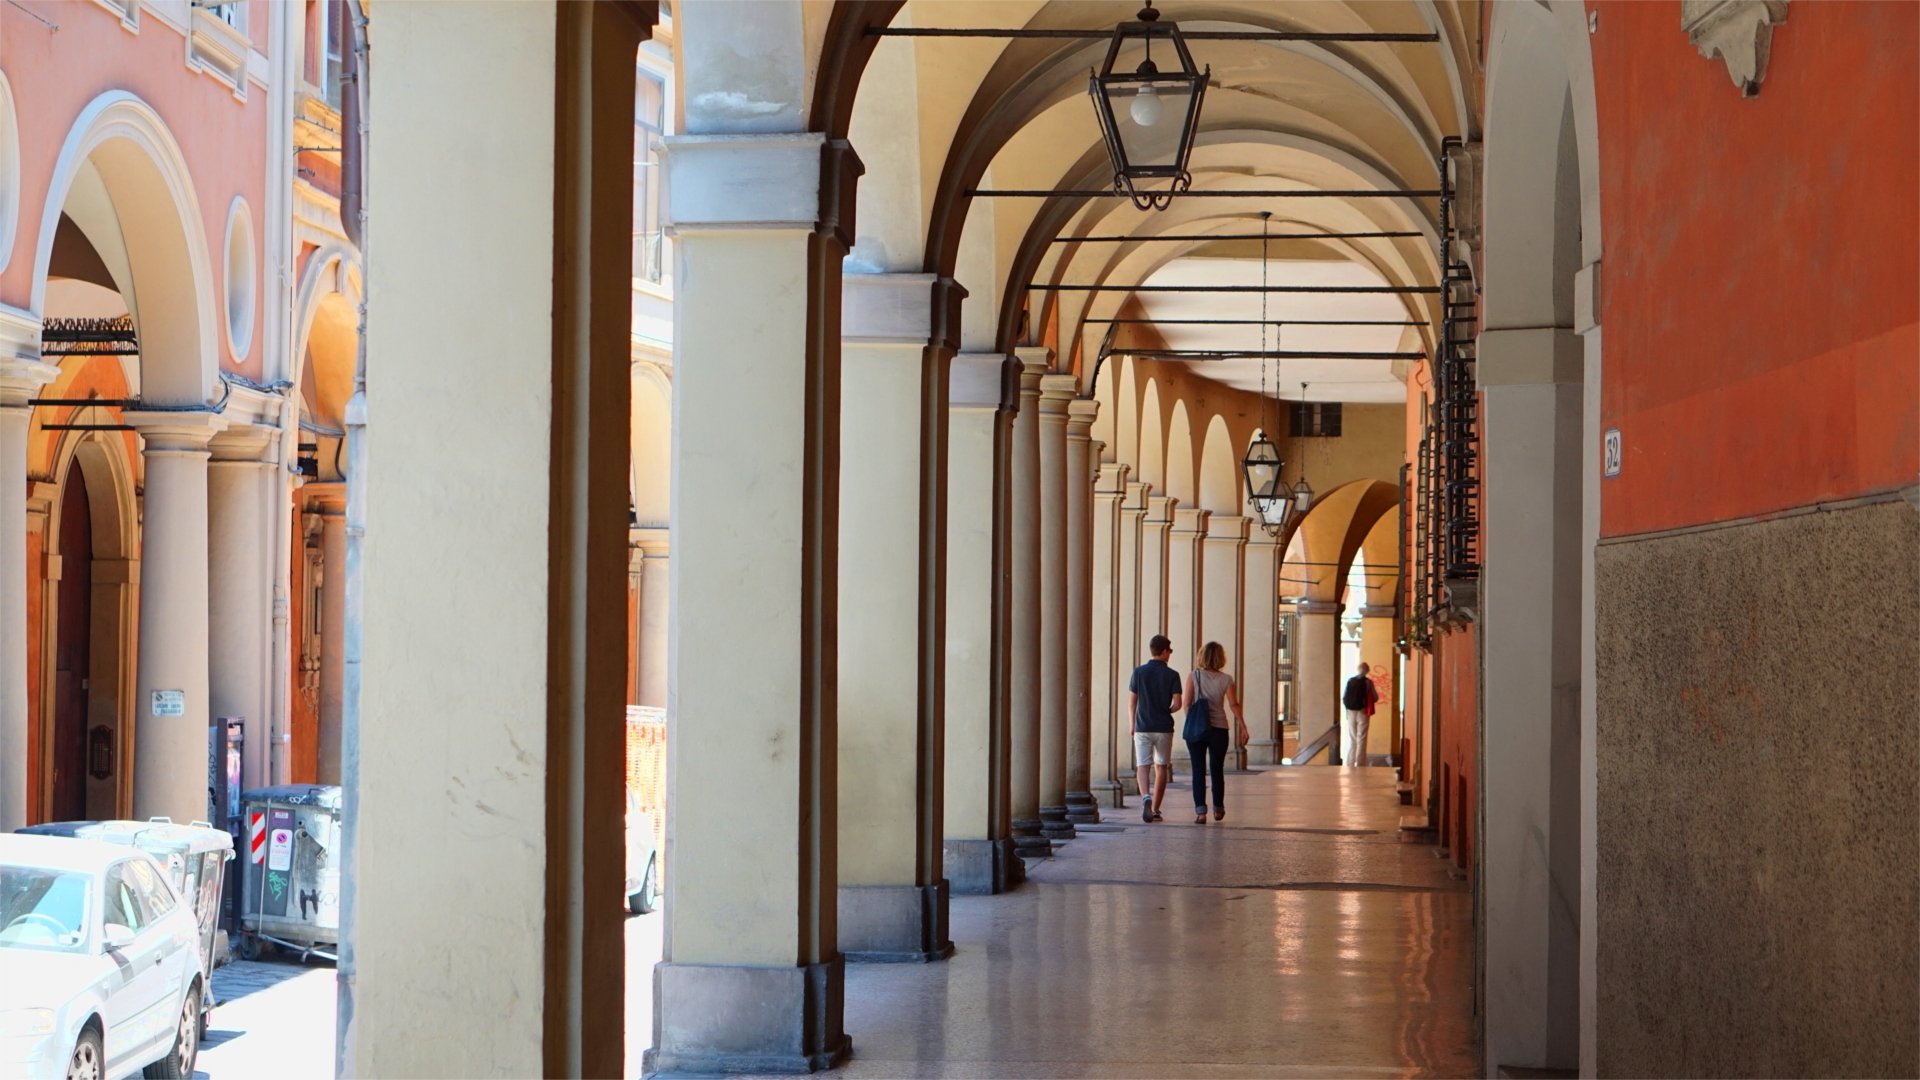 Typische Arkadenstraße in Bologna